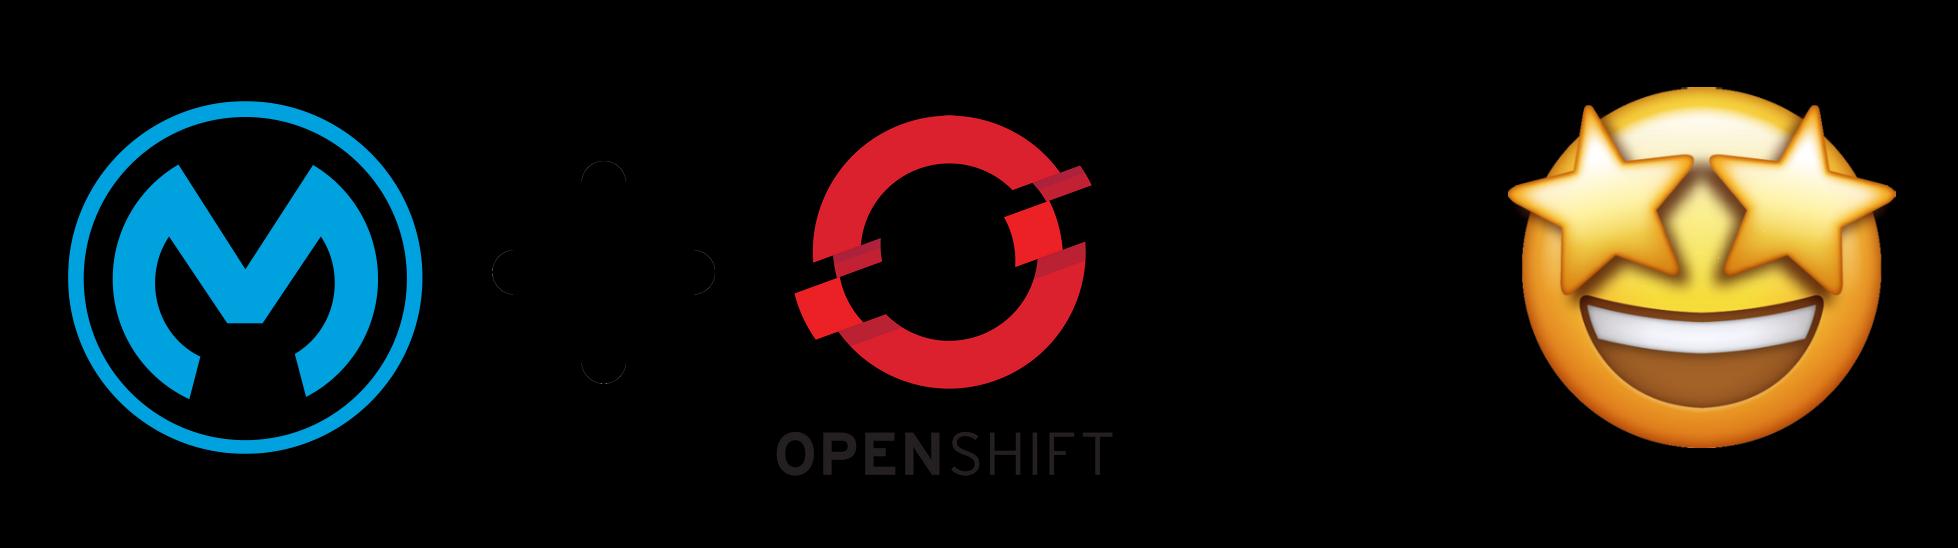 mulesoft+openshift